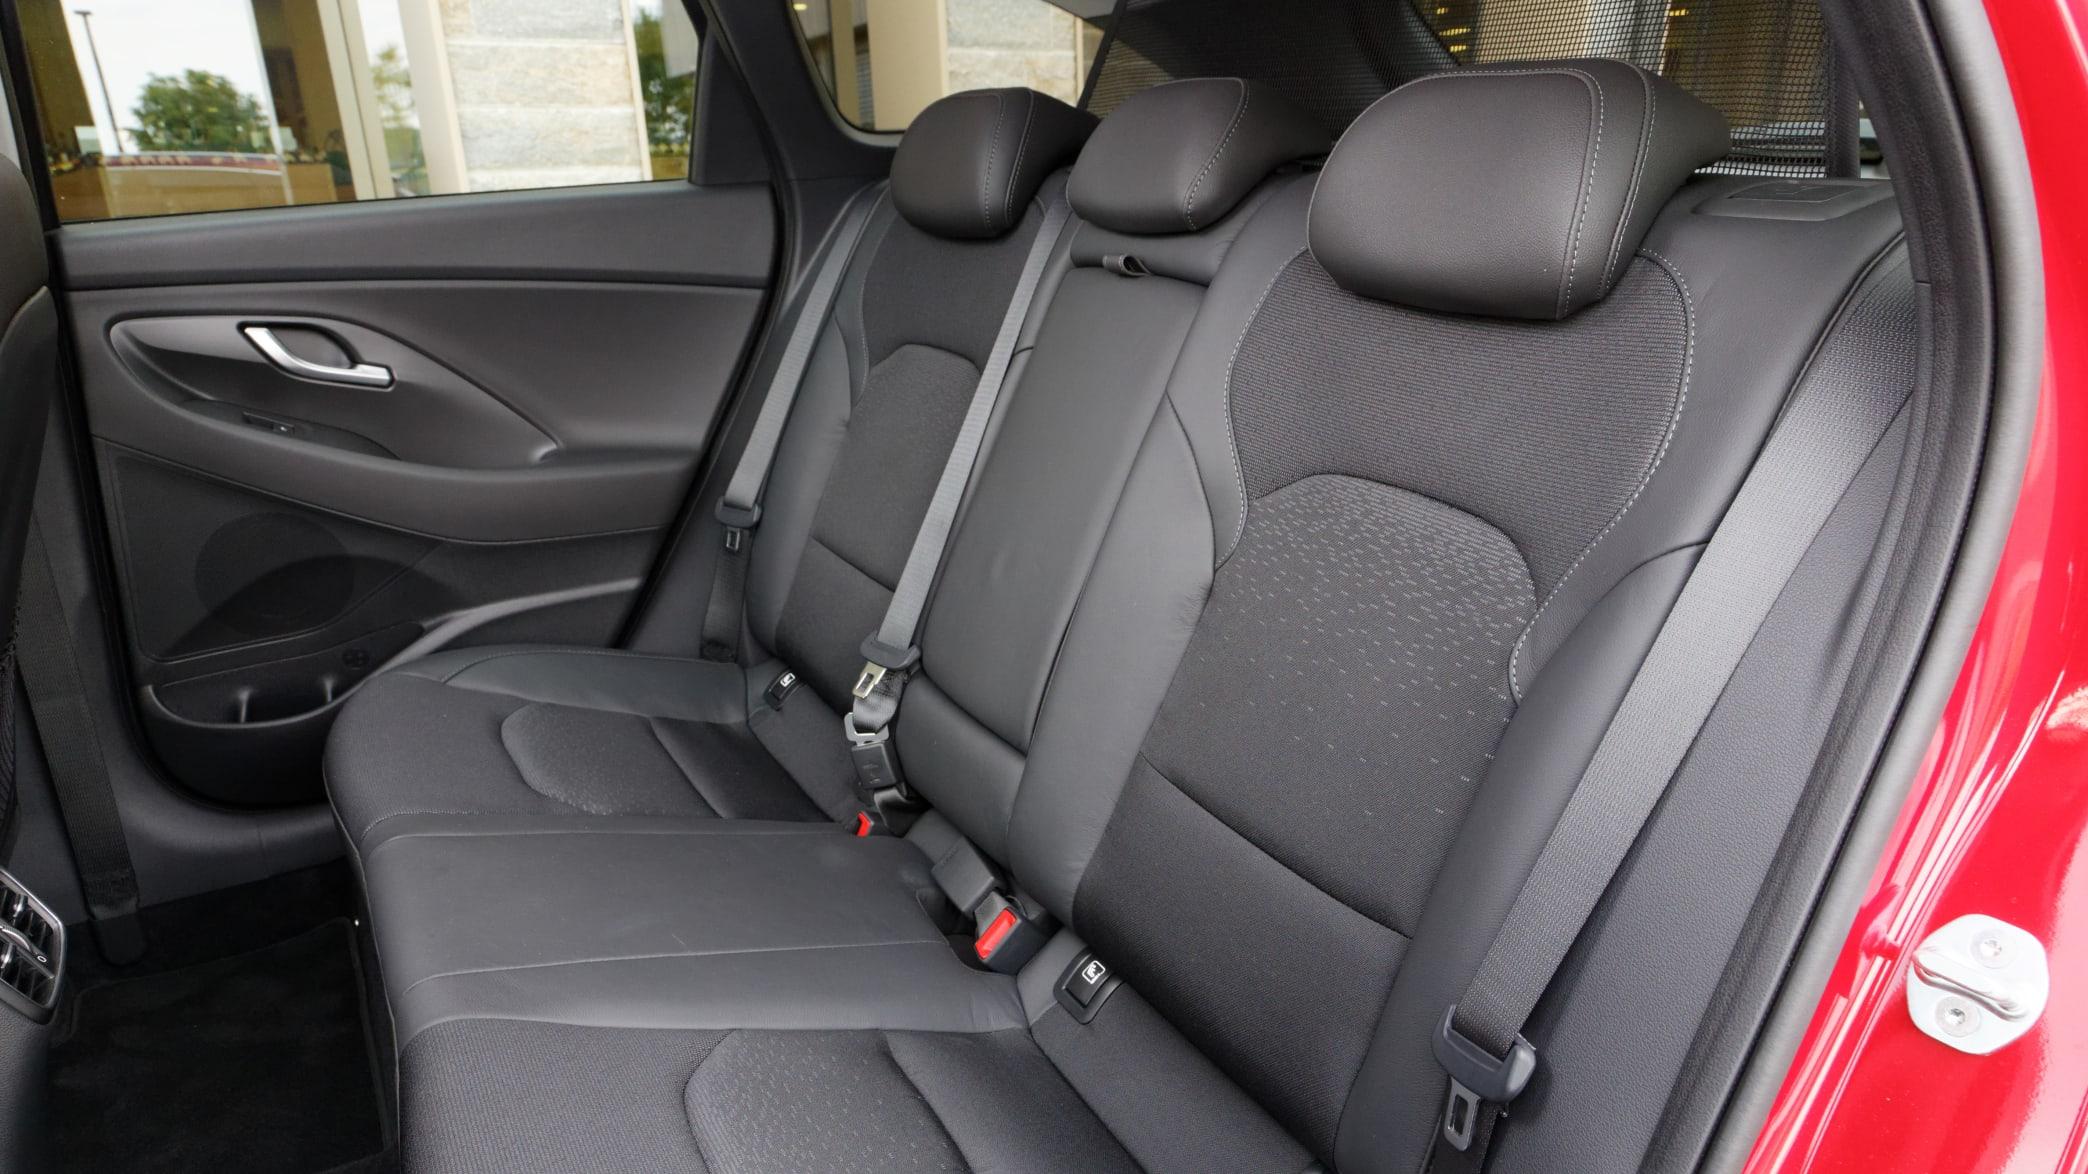 Blick auf den Rücksicht des Hyundai i30 Kombi